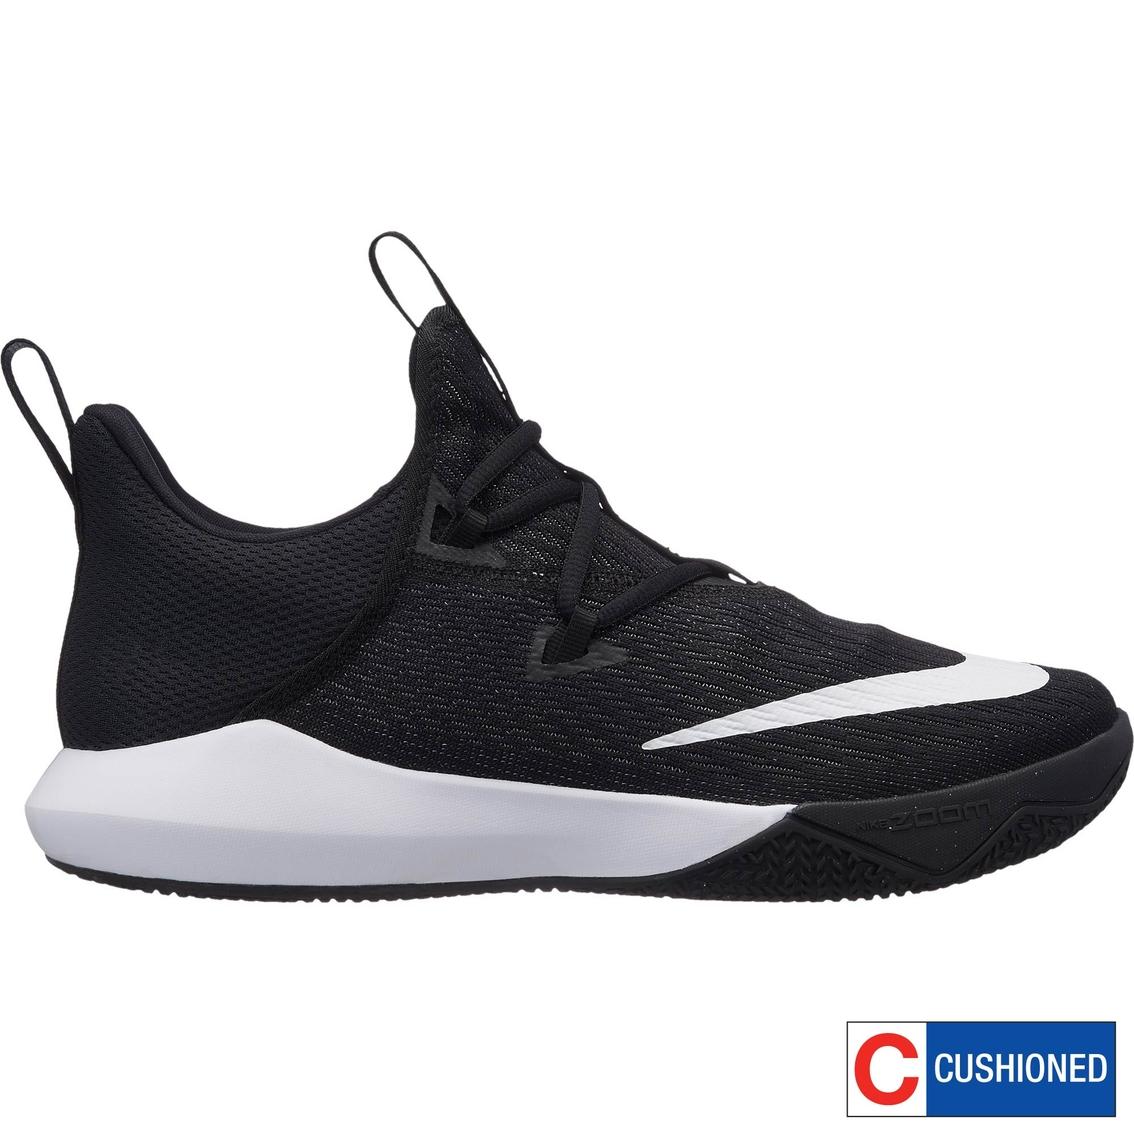 e2d78ad2cc92f Nike Men's Zoom Shift 2 Basketball Shoes | Basketball | Shoes | Shop ...